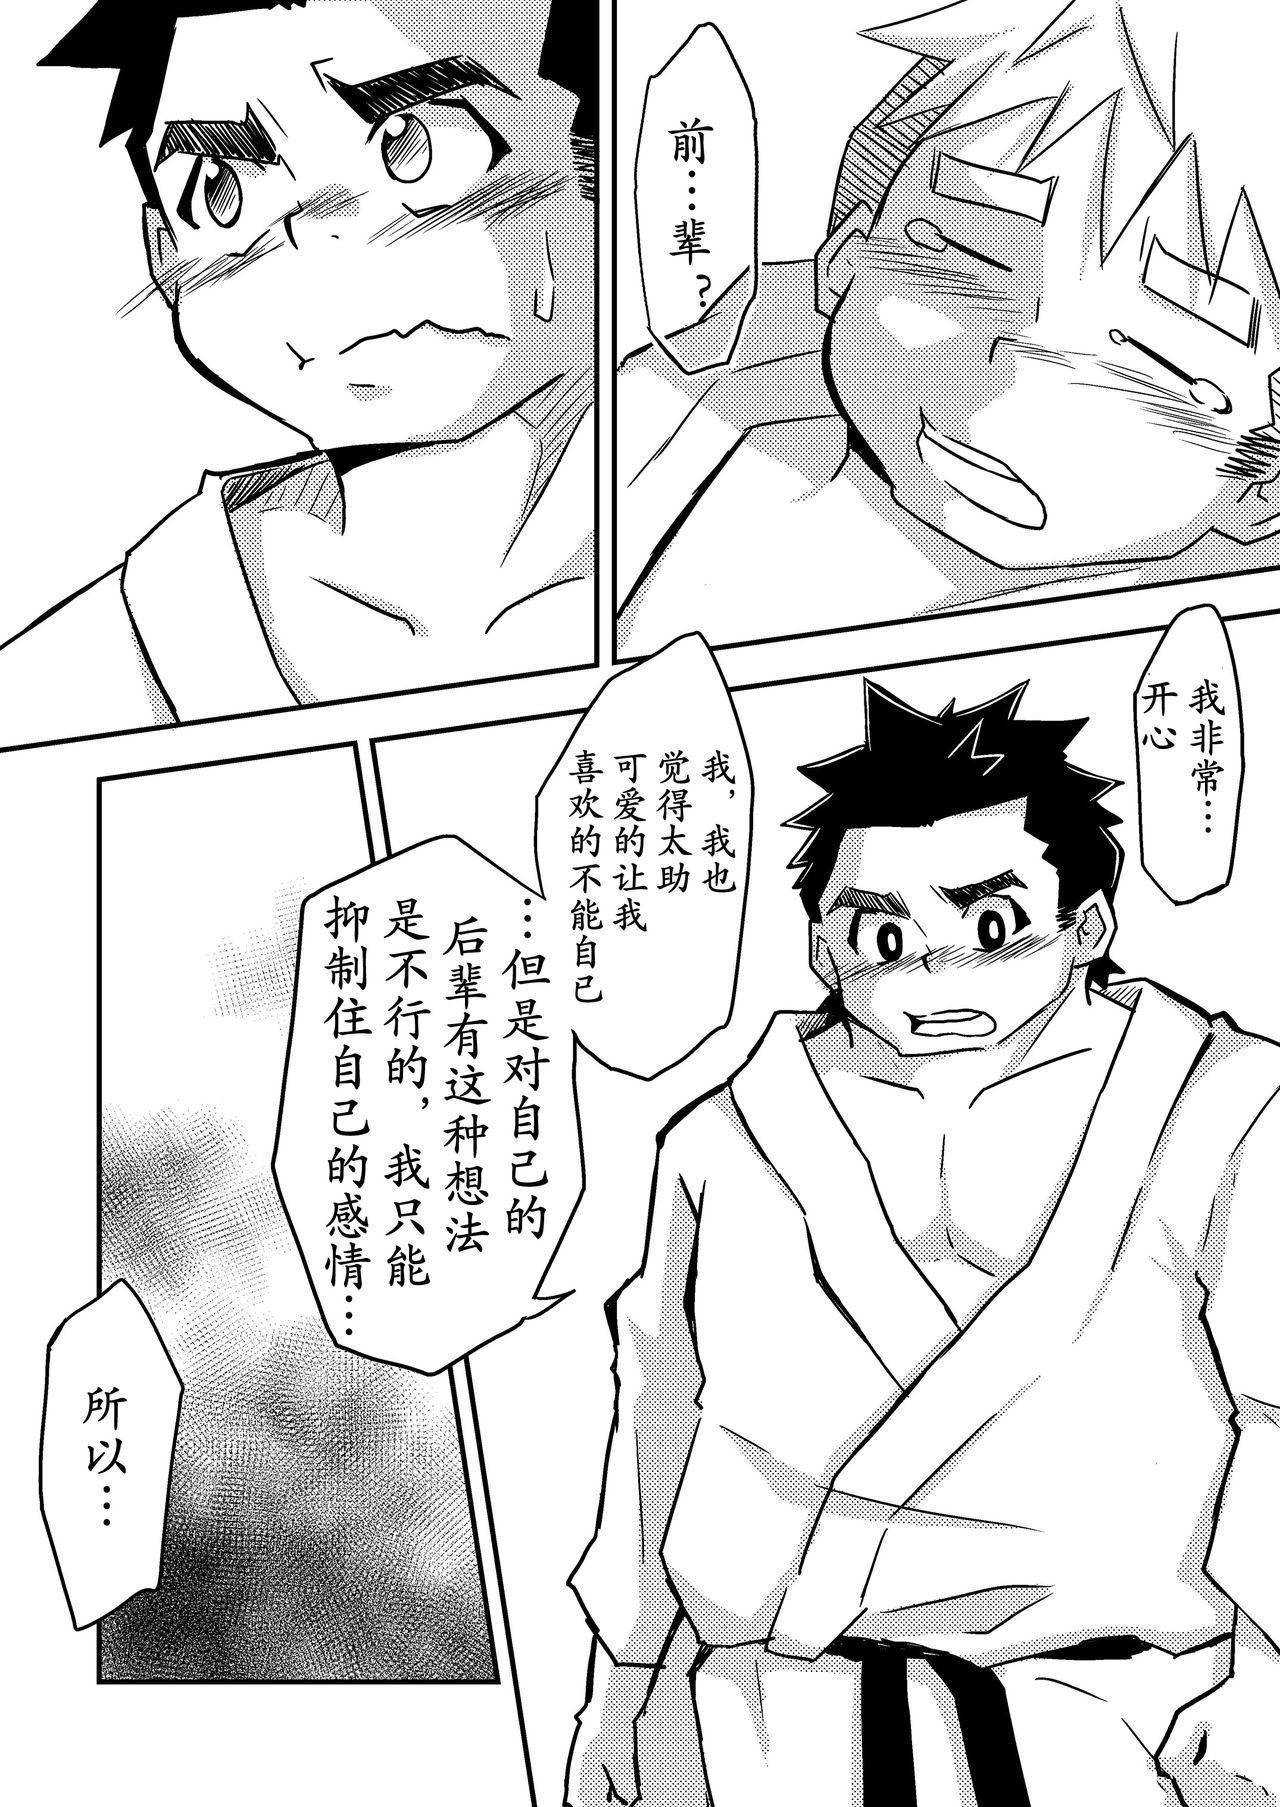 Datte Senpai ga Sukidakara! 23